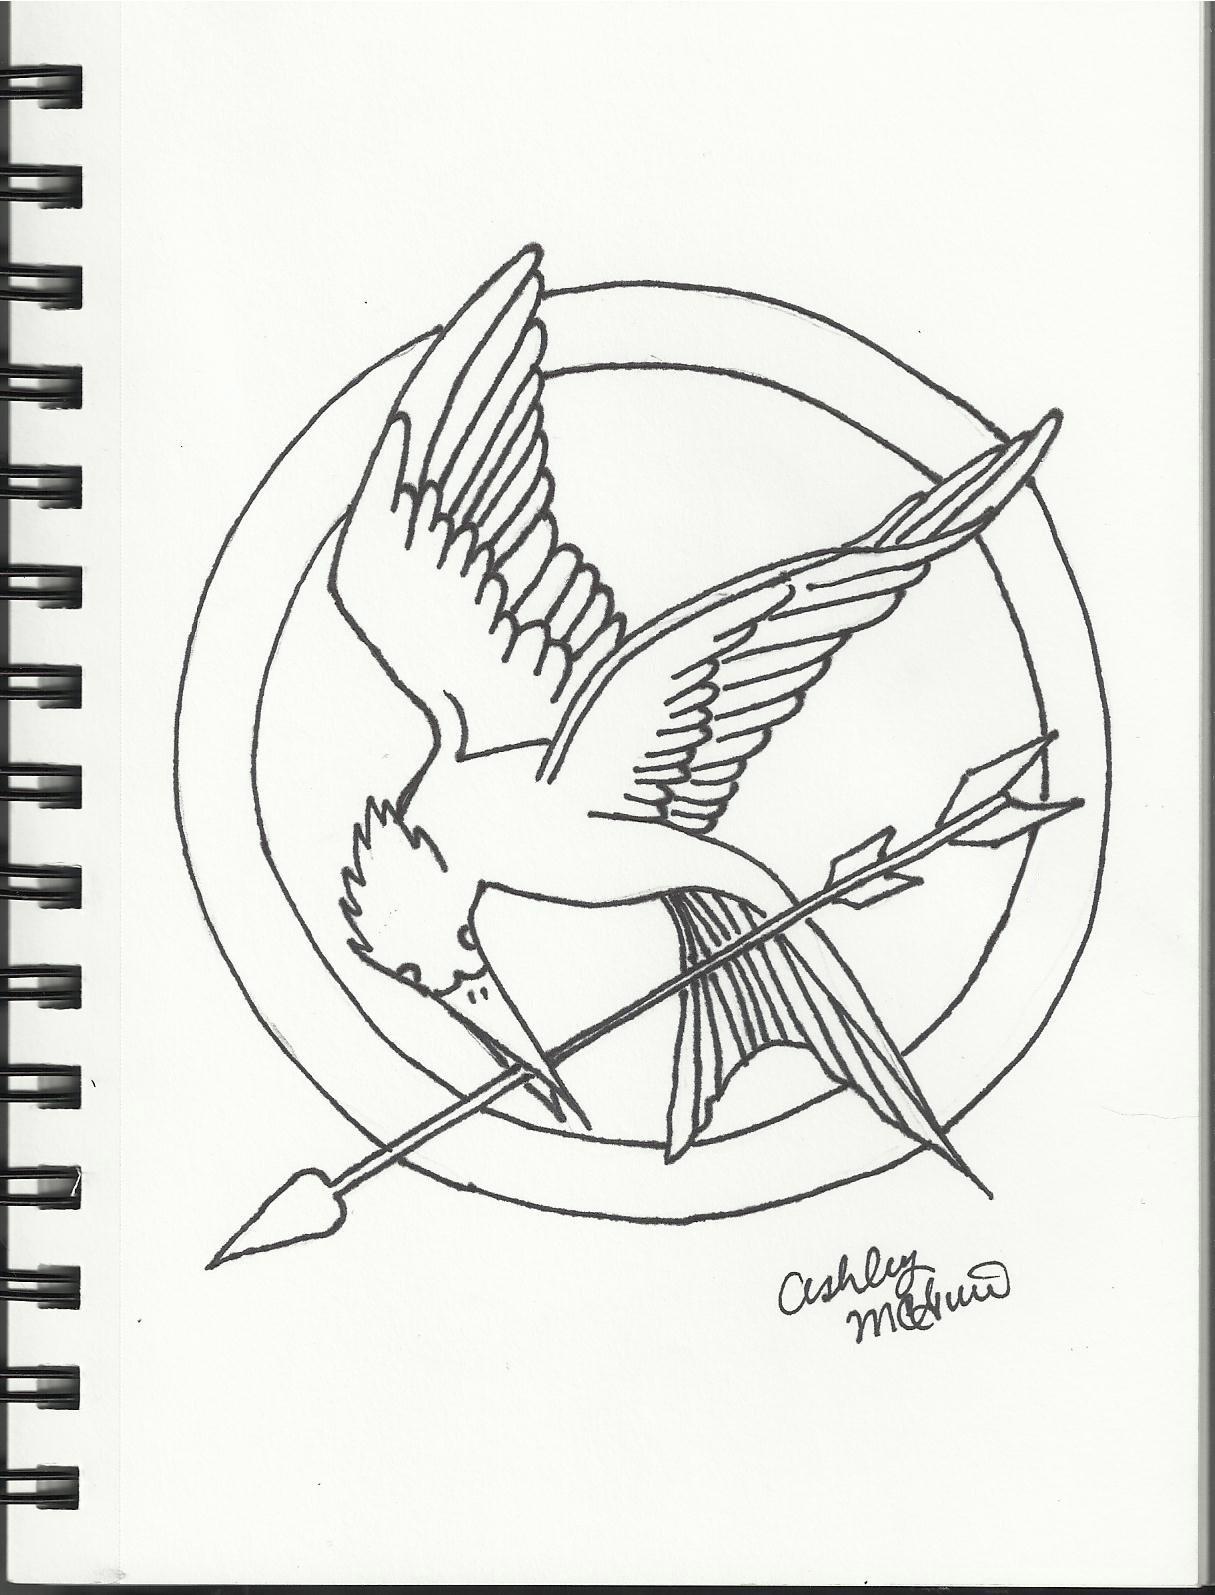 Drawn sykol mockingjay Pin bird Bird Mockingjay photo#21